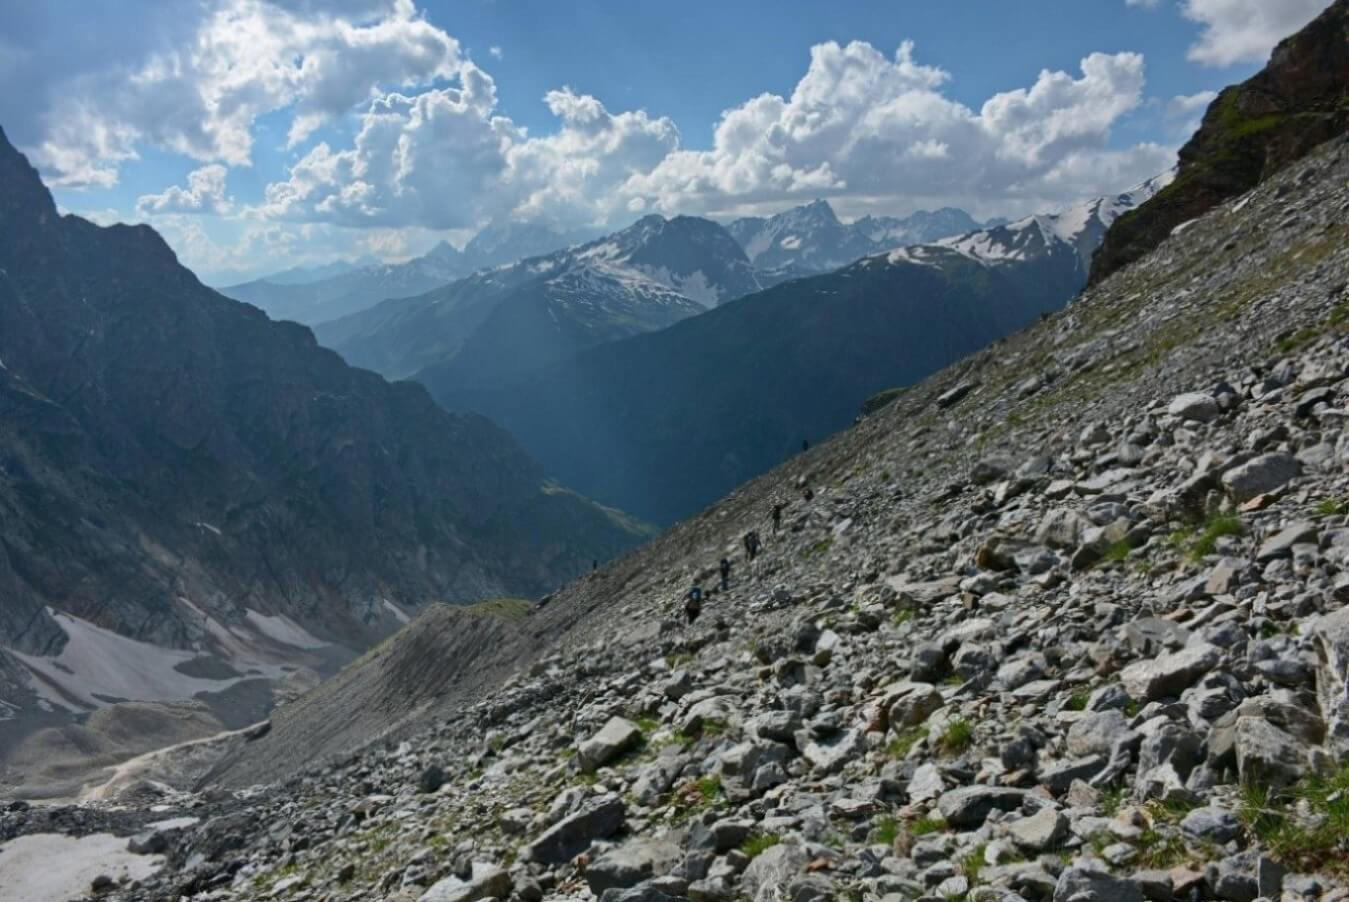 Отчёт о горном туристском походе 2 к.с. по Ц. Кавказу (Сванетия)